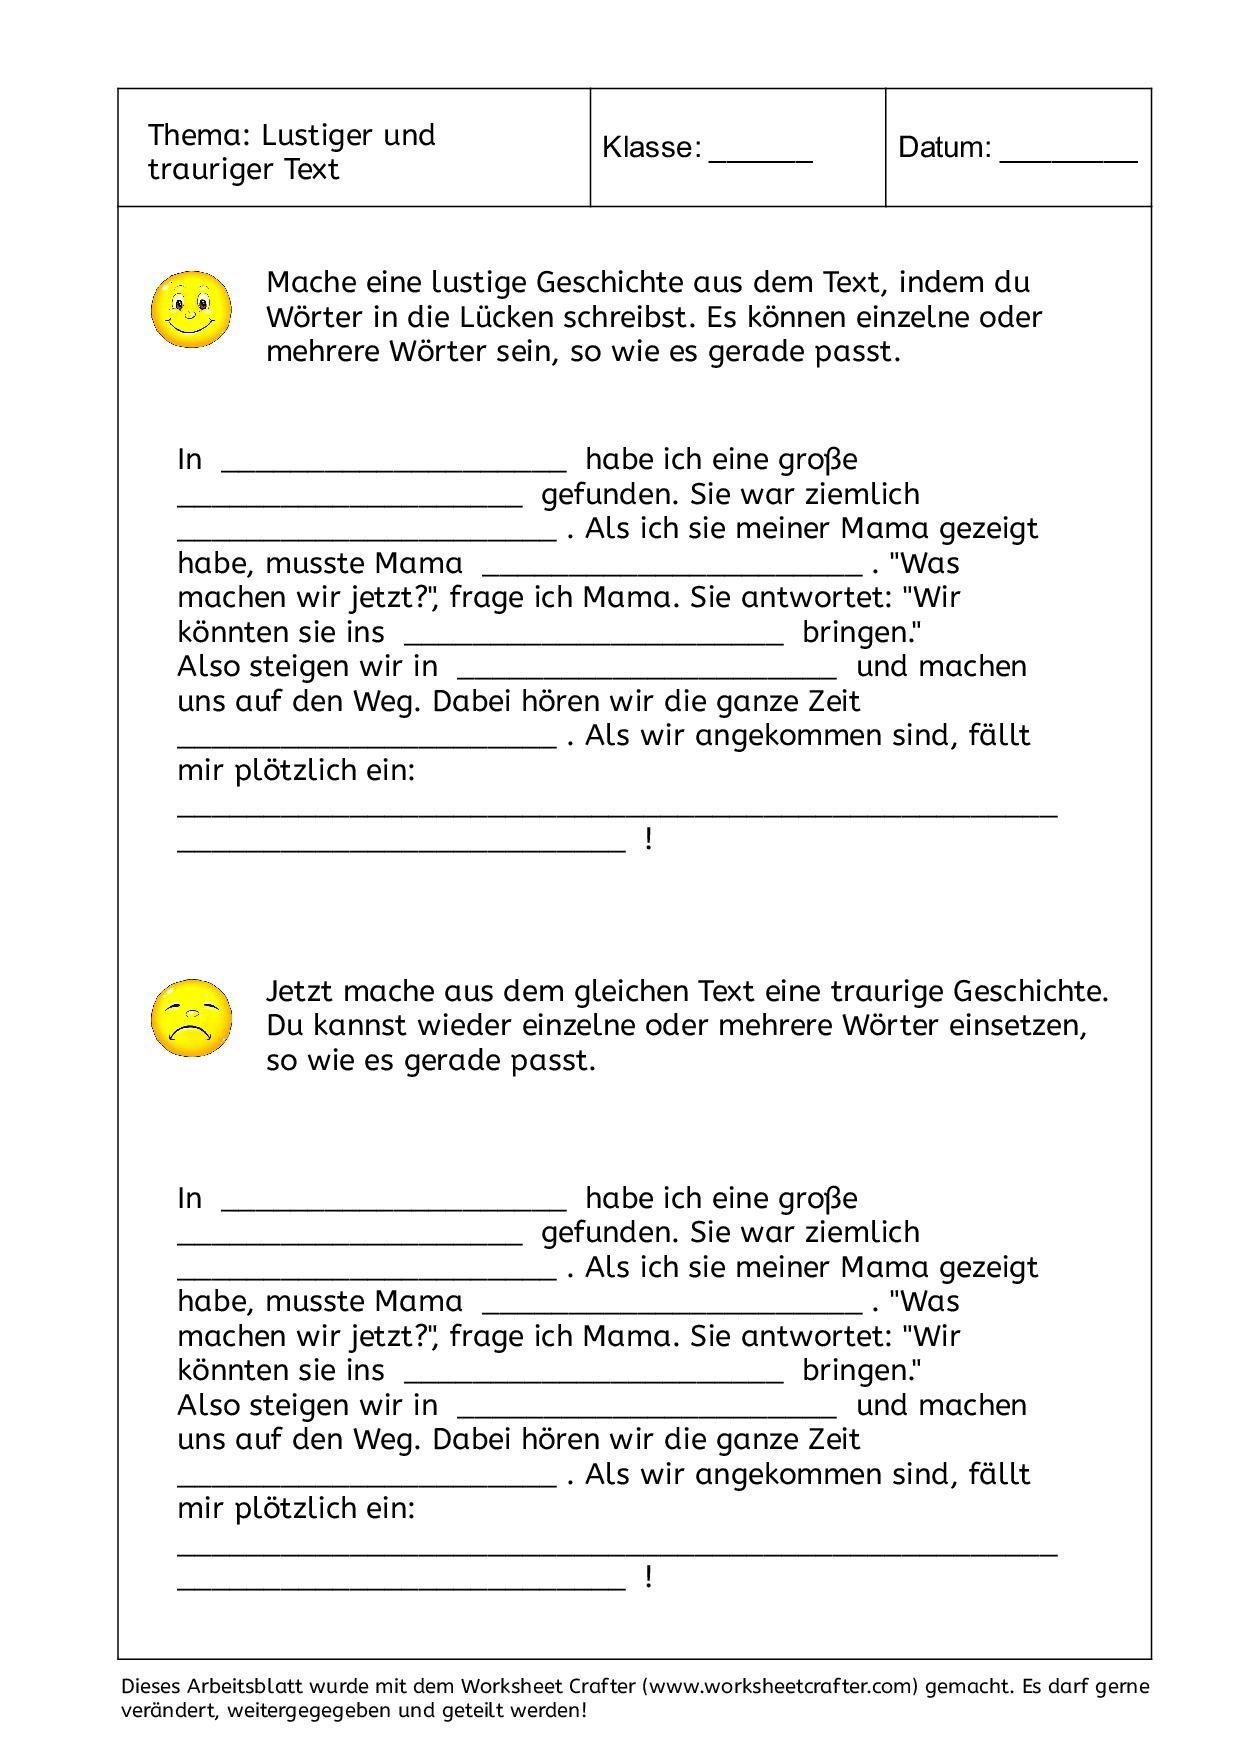 Worksheet Crafter Download